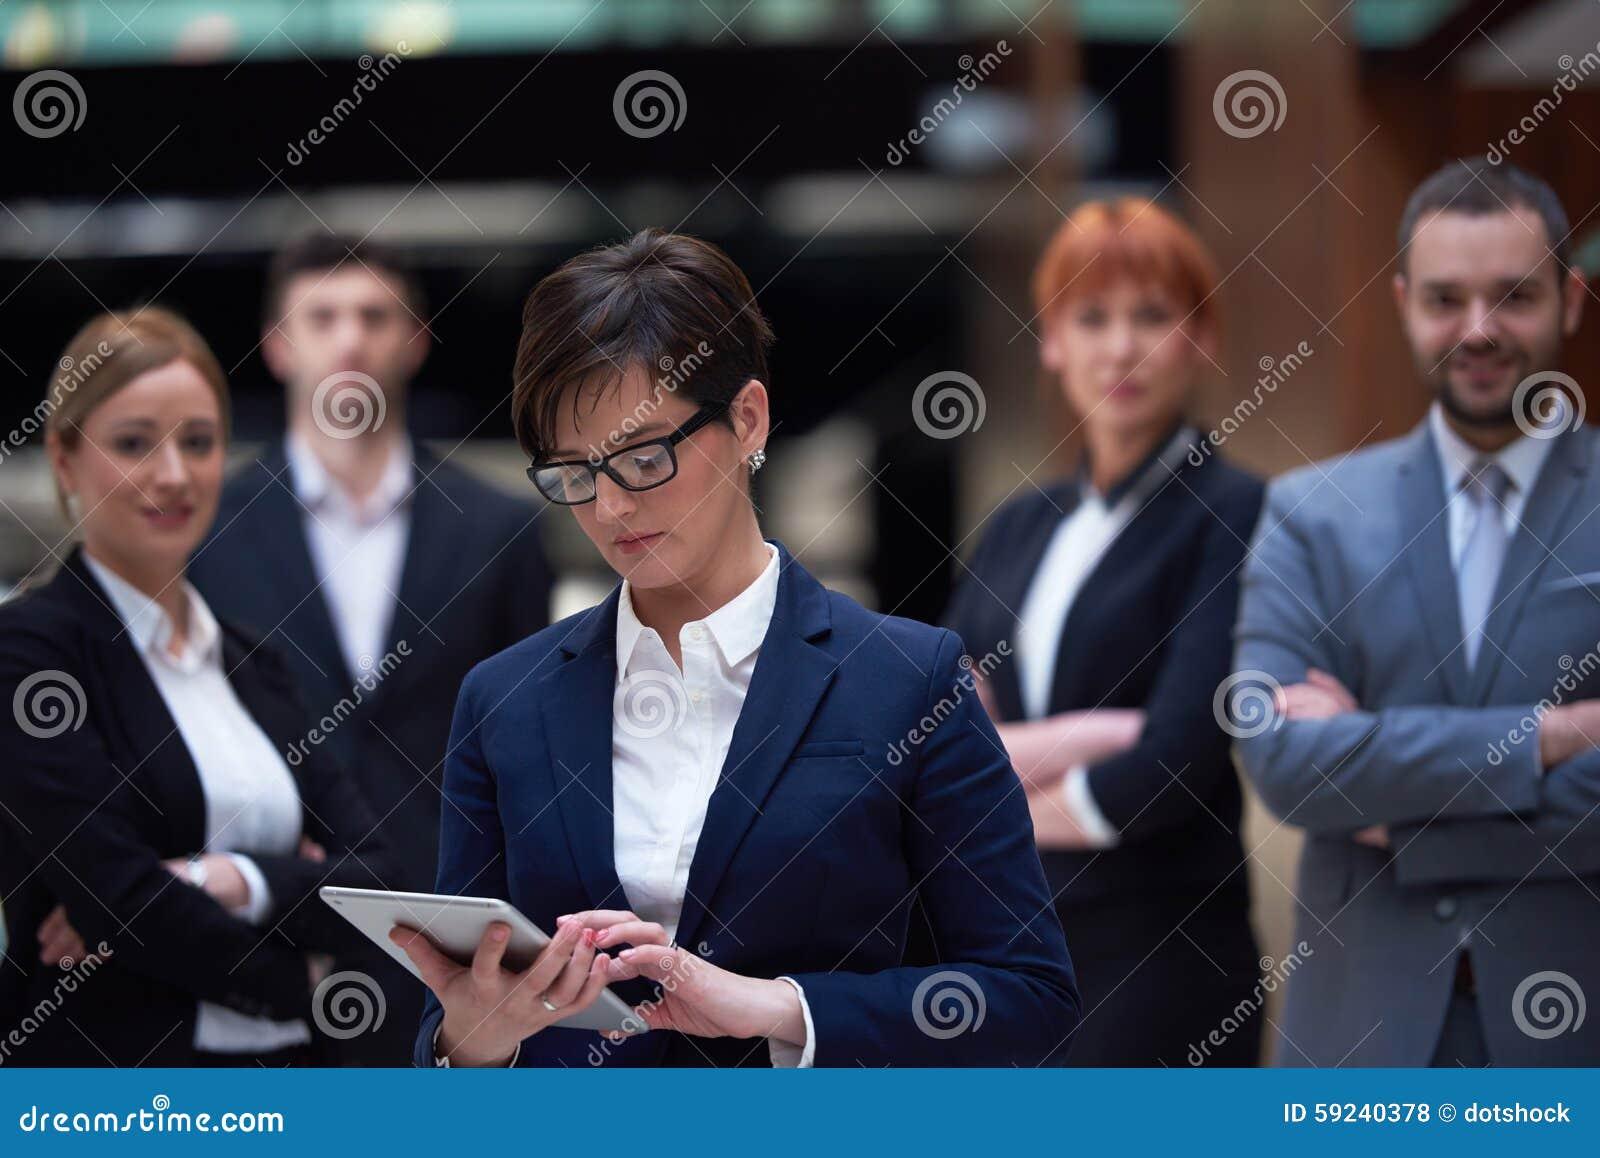 Los hombres de negocios agrupan en la oficina